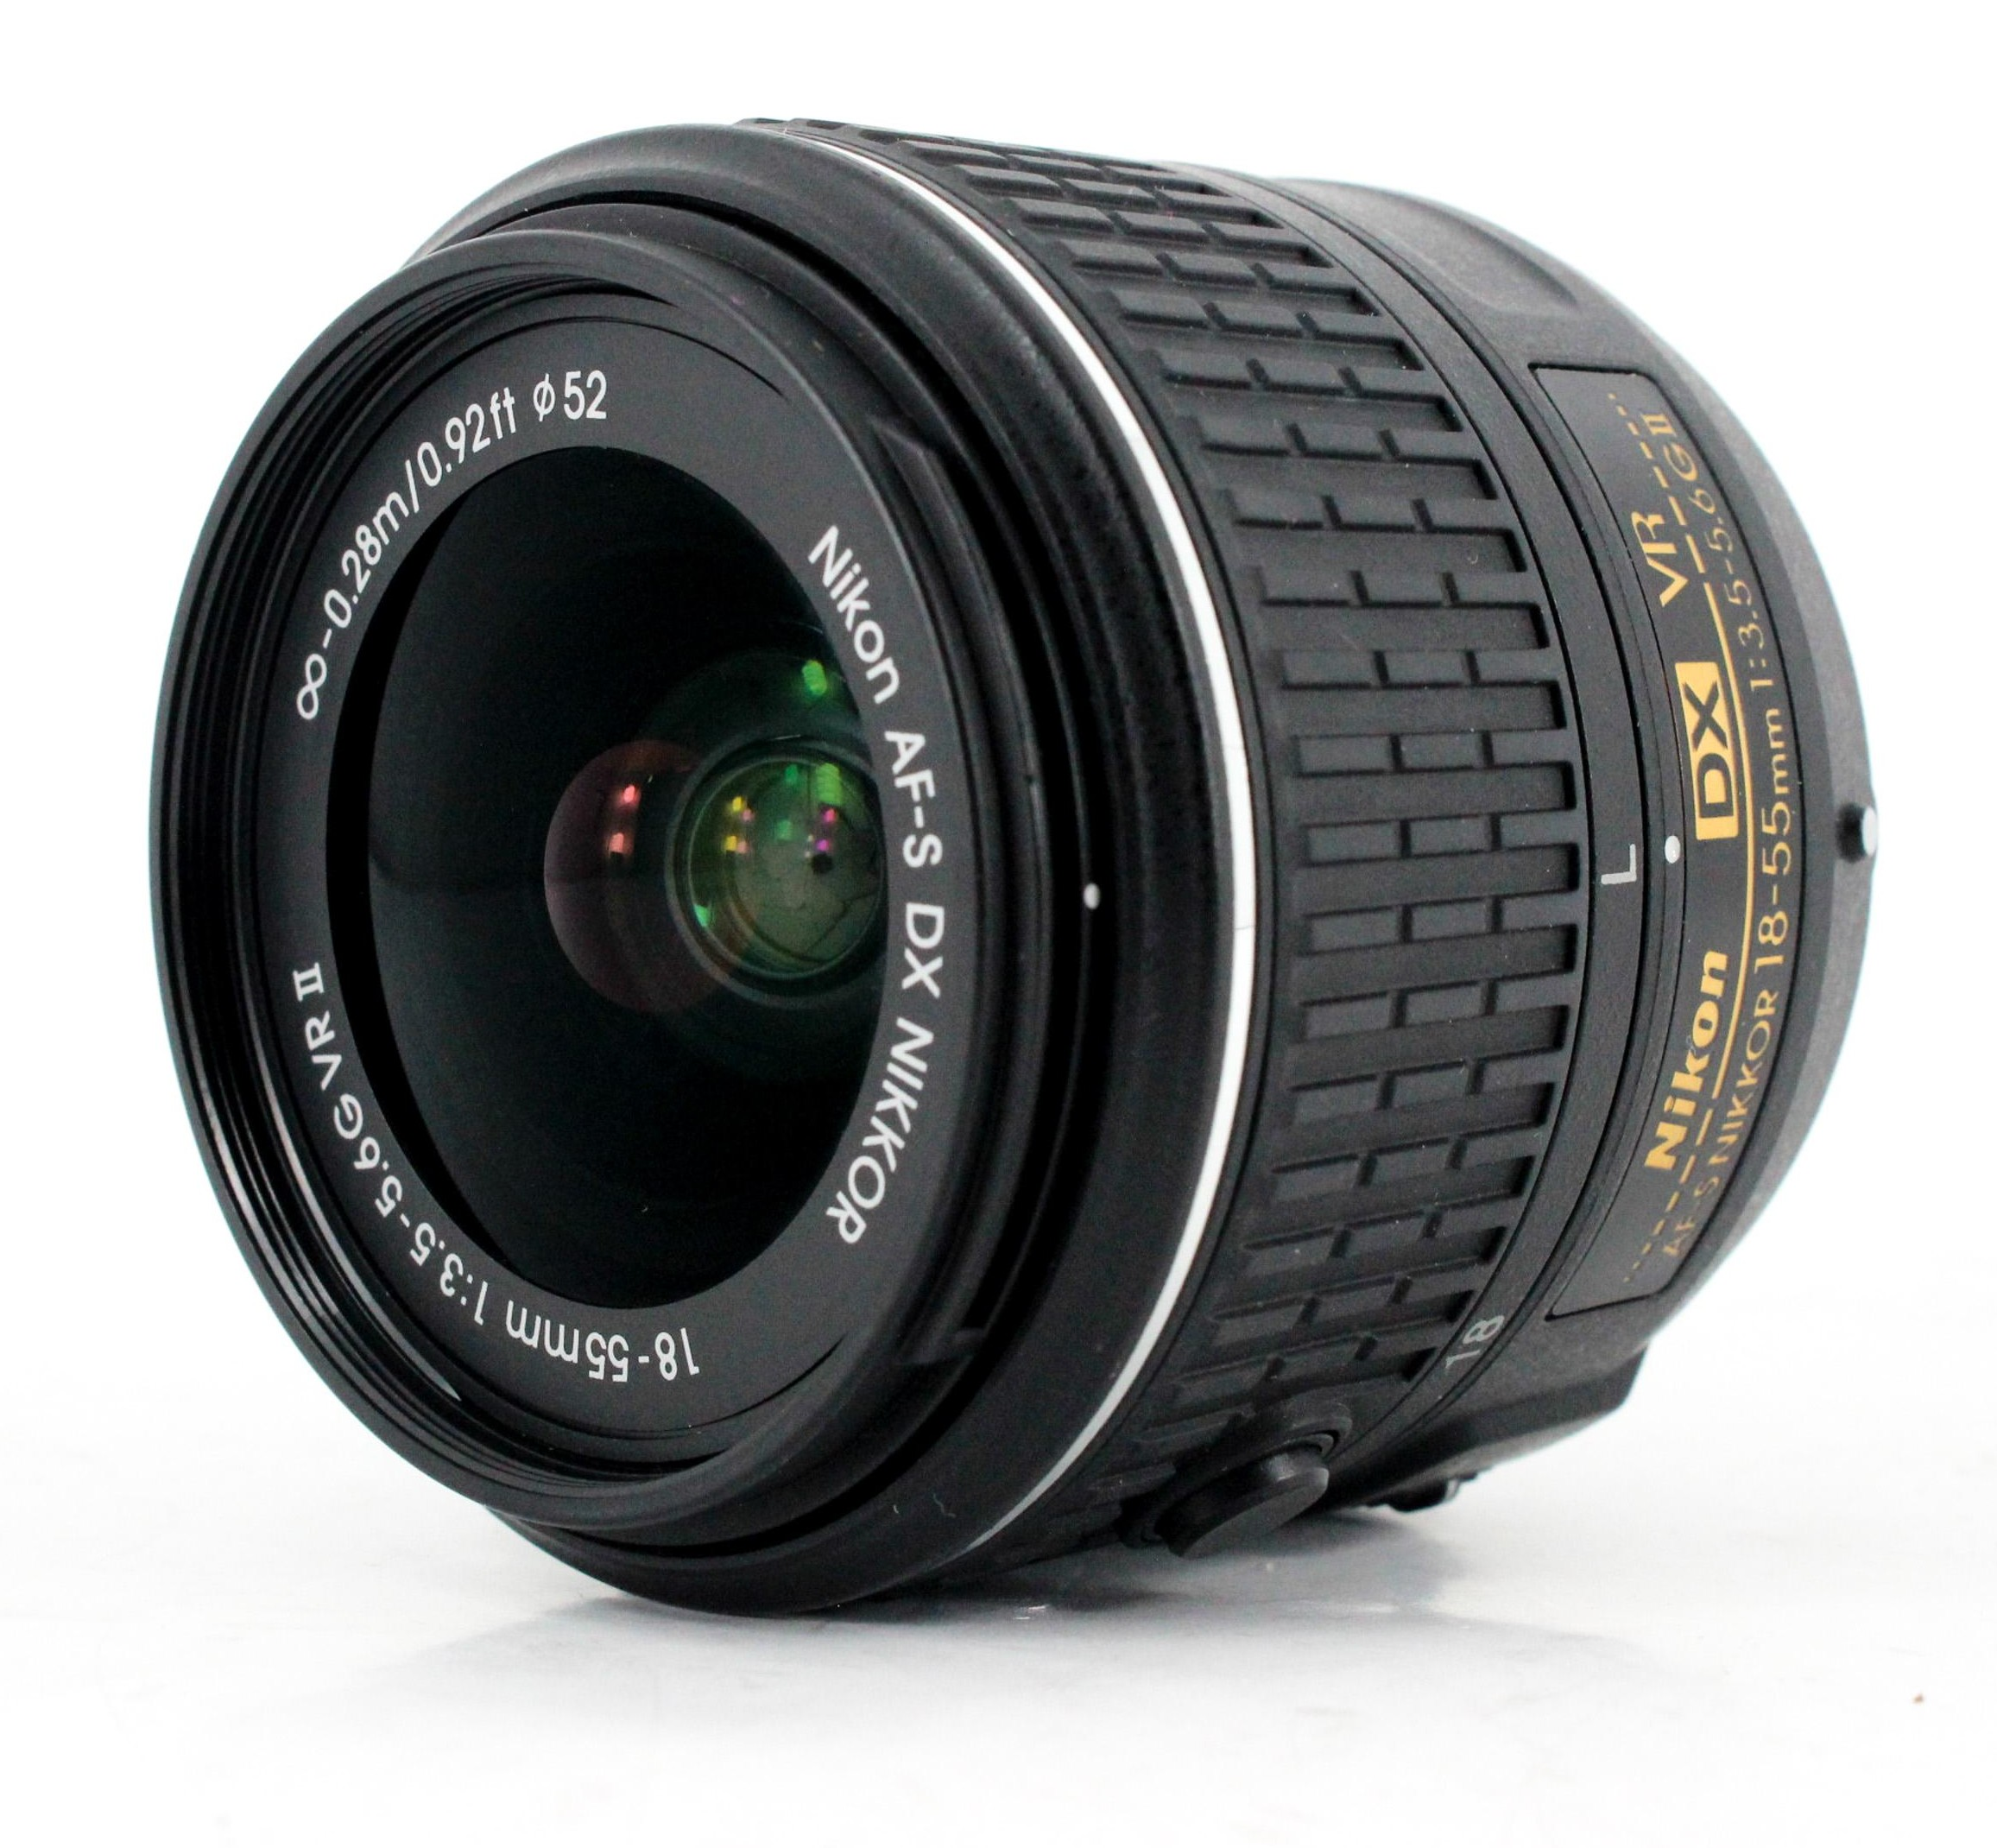 18 55mm image